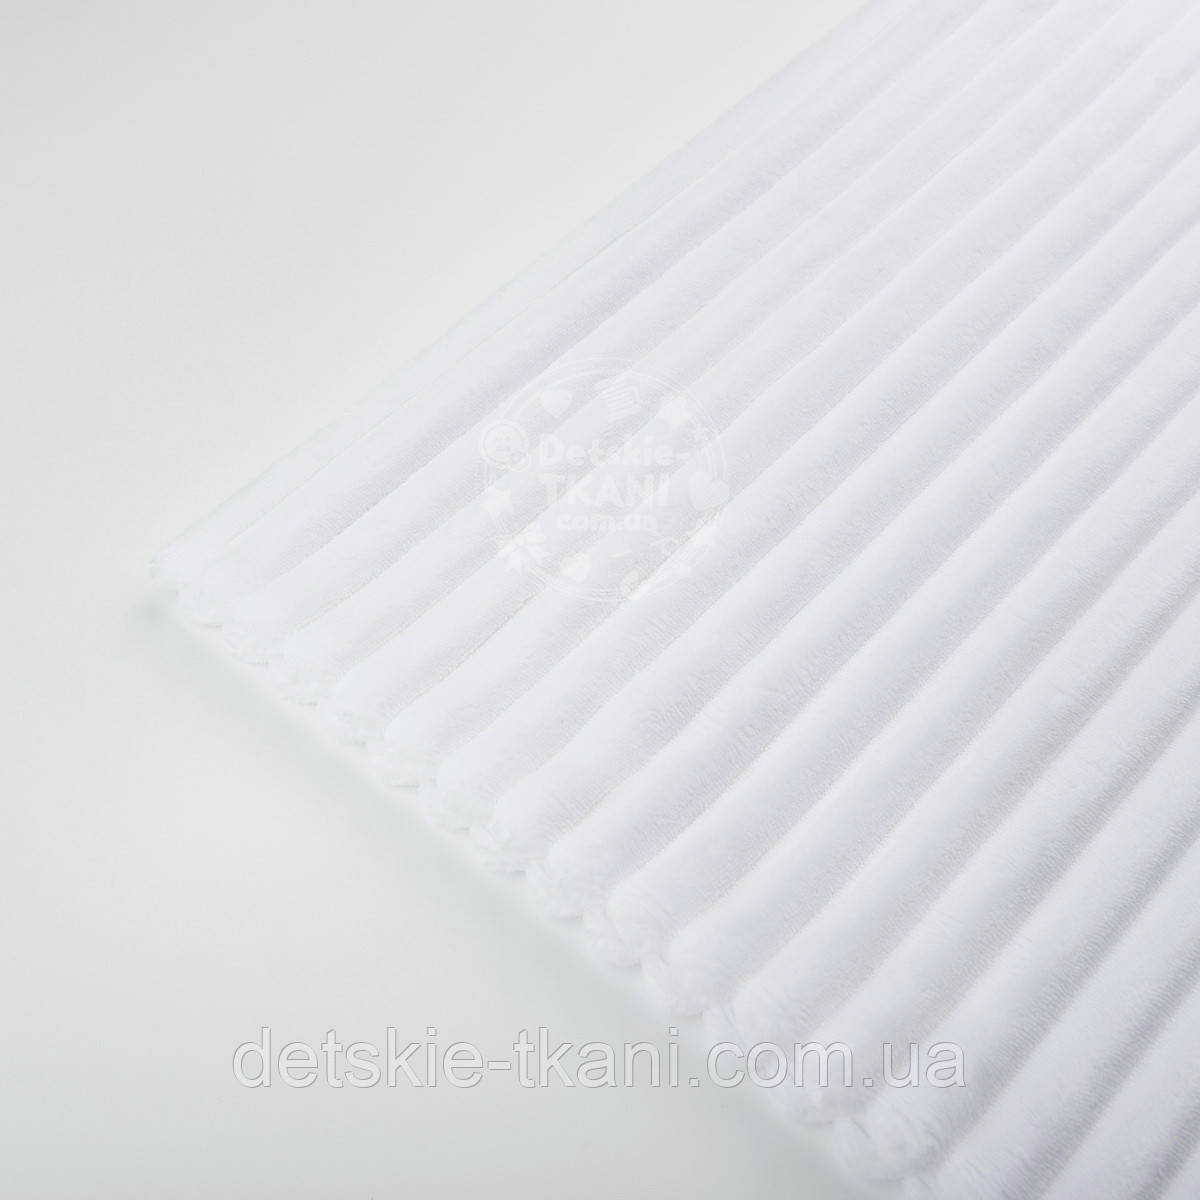 Отрез плюша в полоску Stripes, цвет белый с оттенком айвори 100*80 см